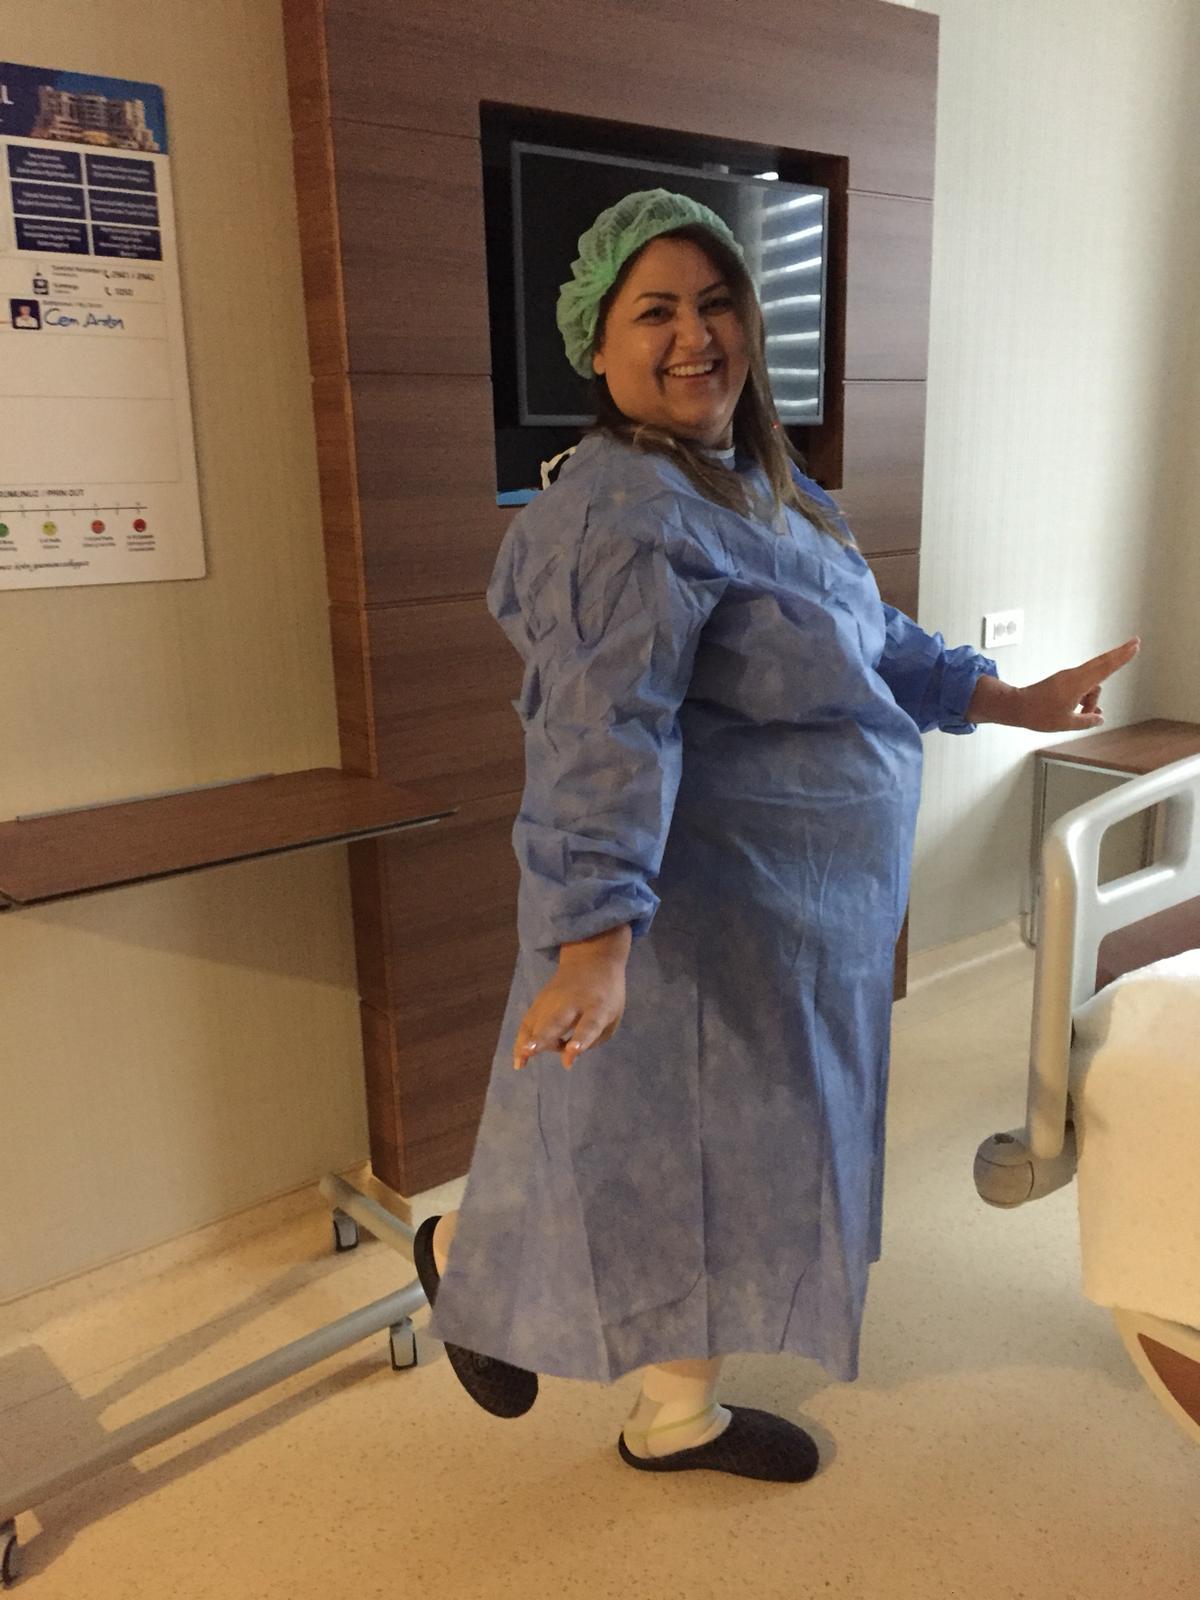 Mide küçültme ameliyatı serüvenim, doktorumu Yeniben.com'dan buldum :)